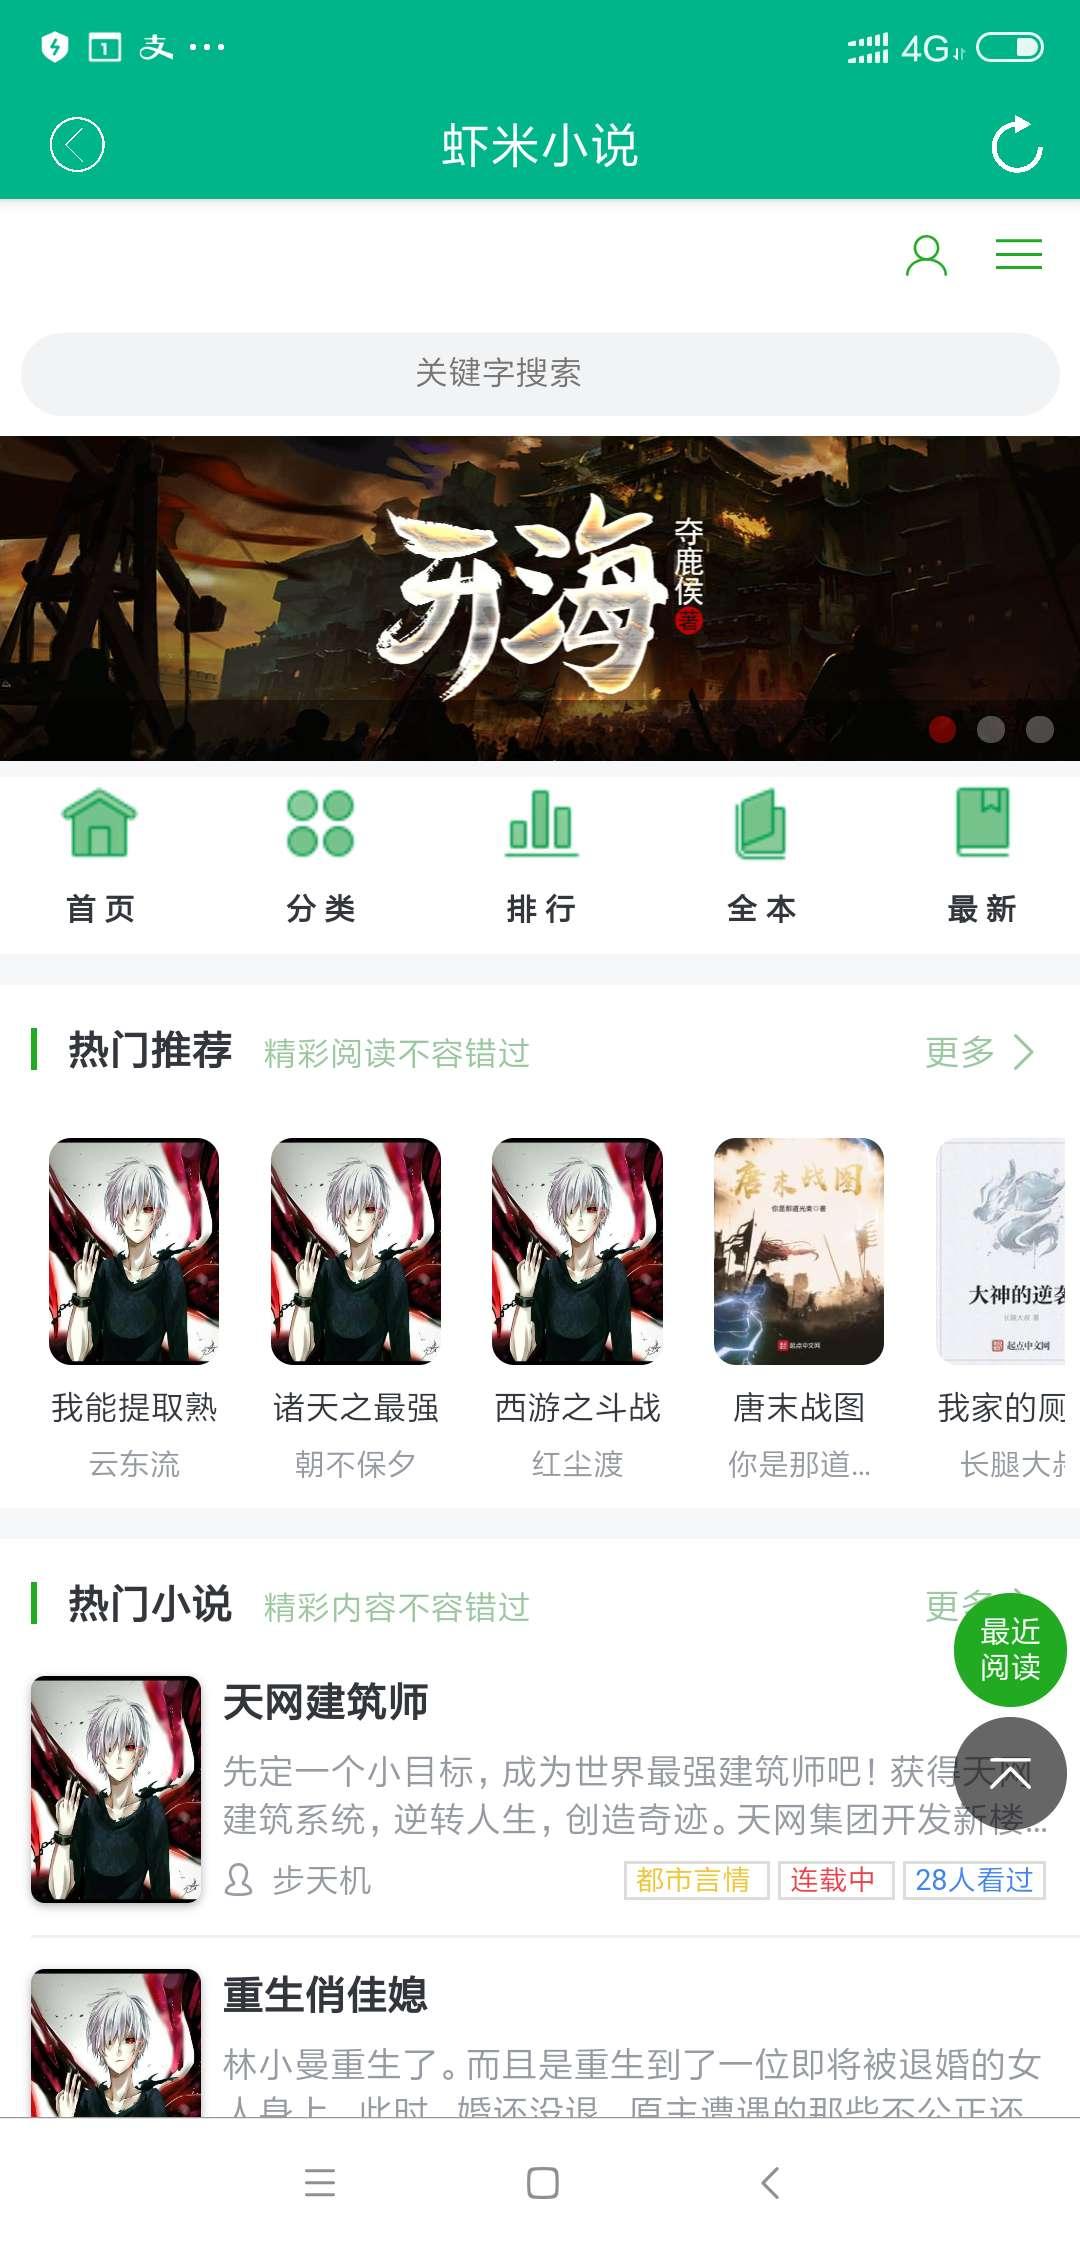 【分享】虾米小说,听书看小说,功能多